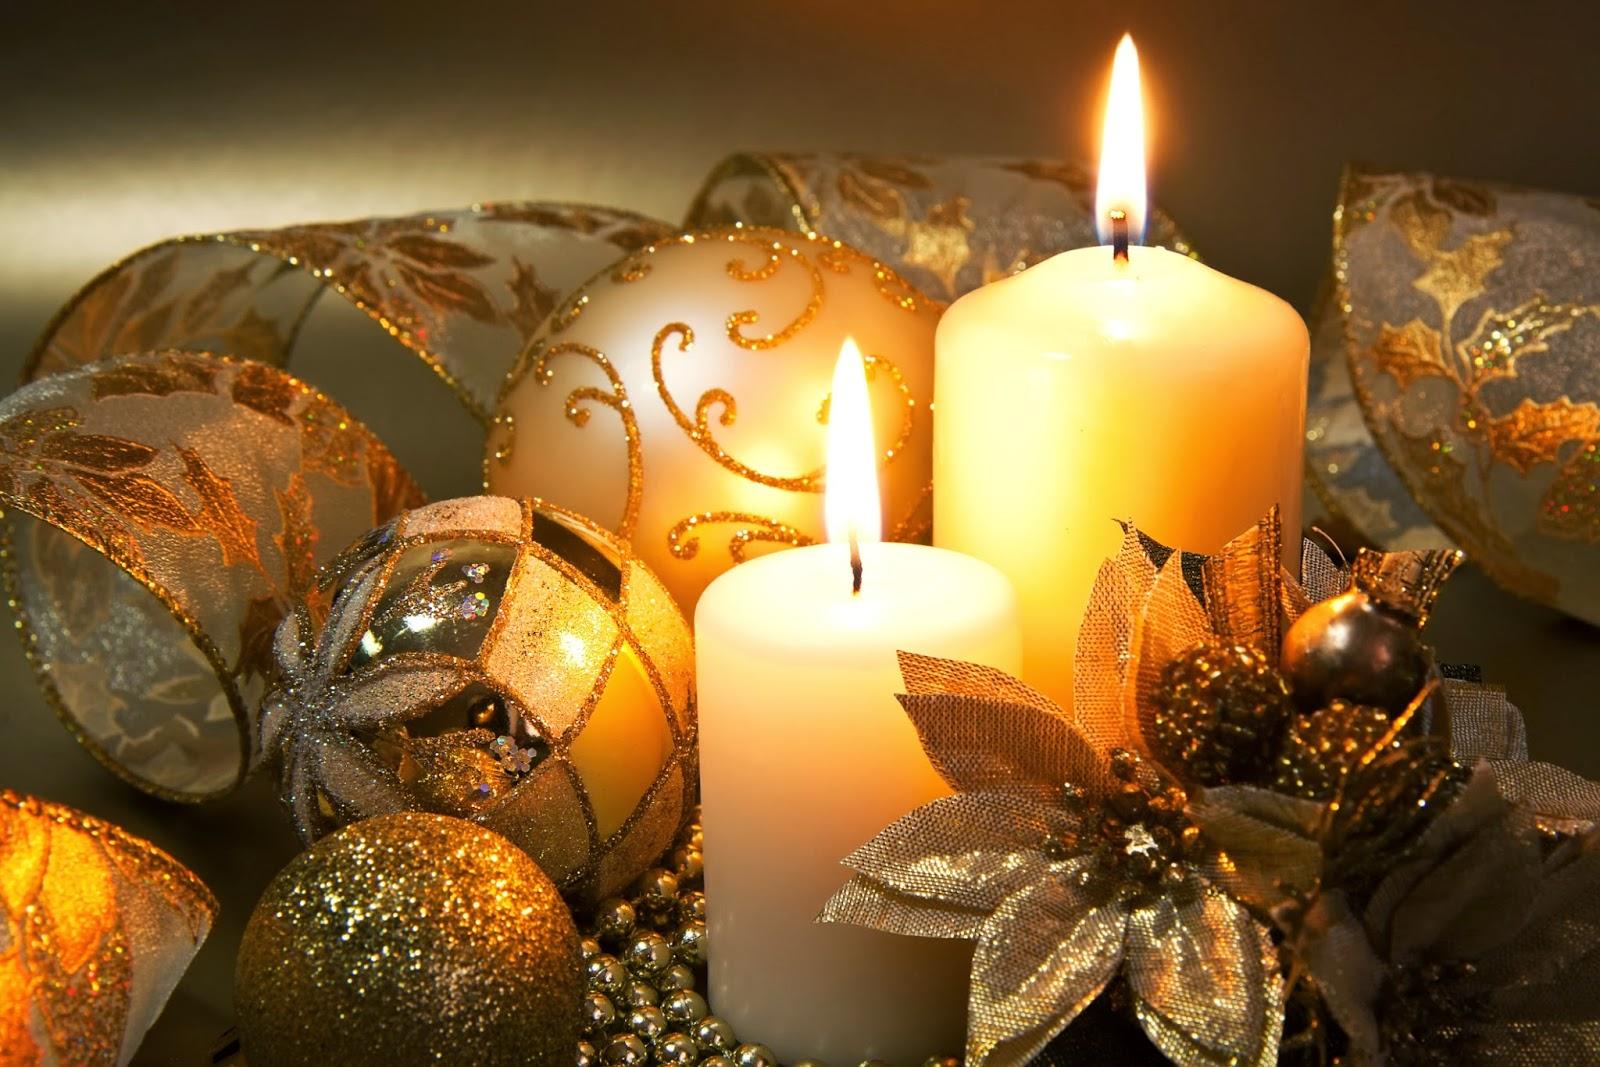 Gifs Y Fondos Paz Enla Tormenta Imagenes De Velas De Navidad - Velas-de-navidad